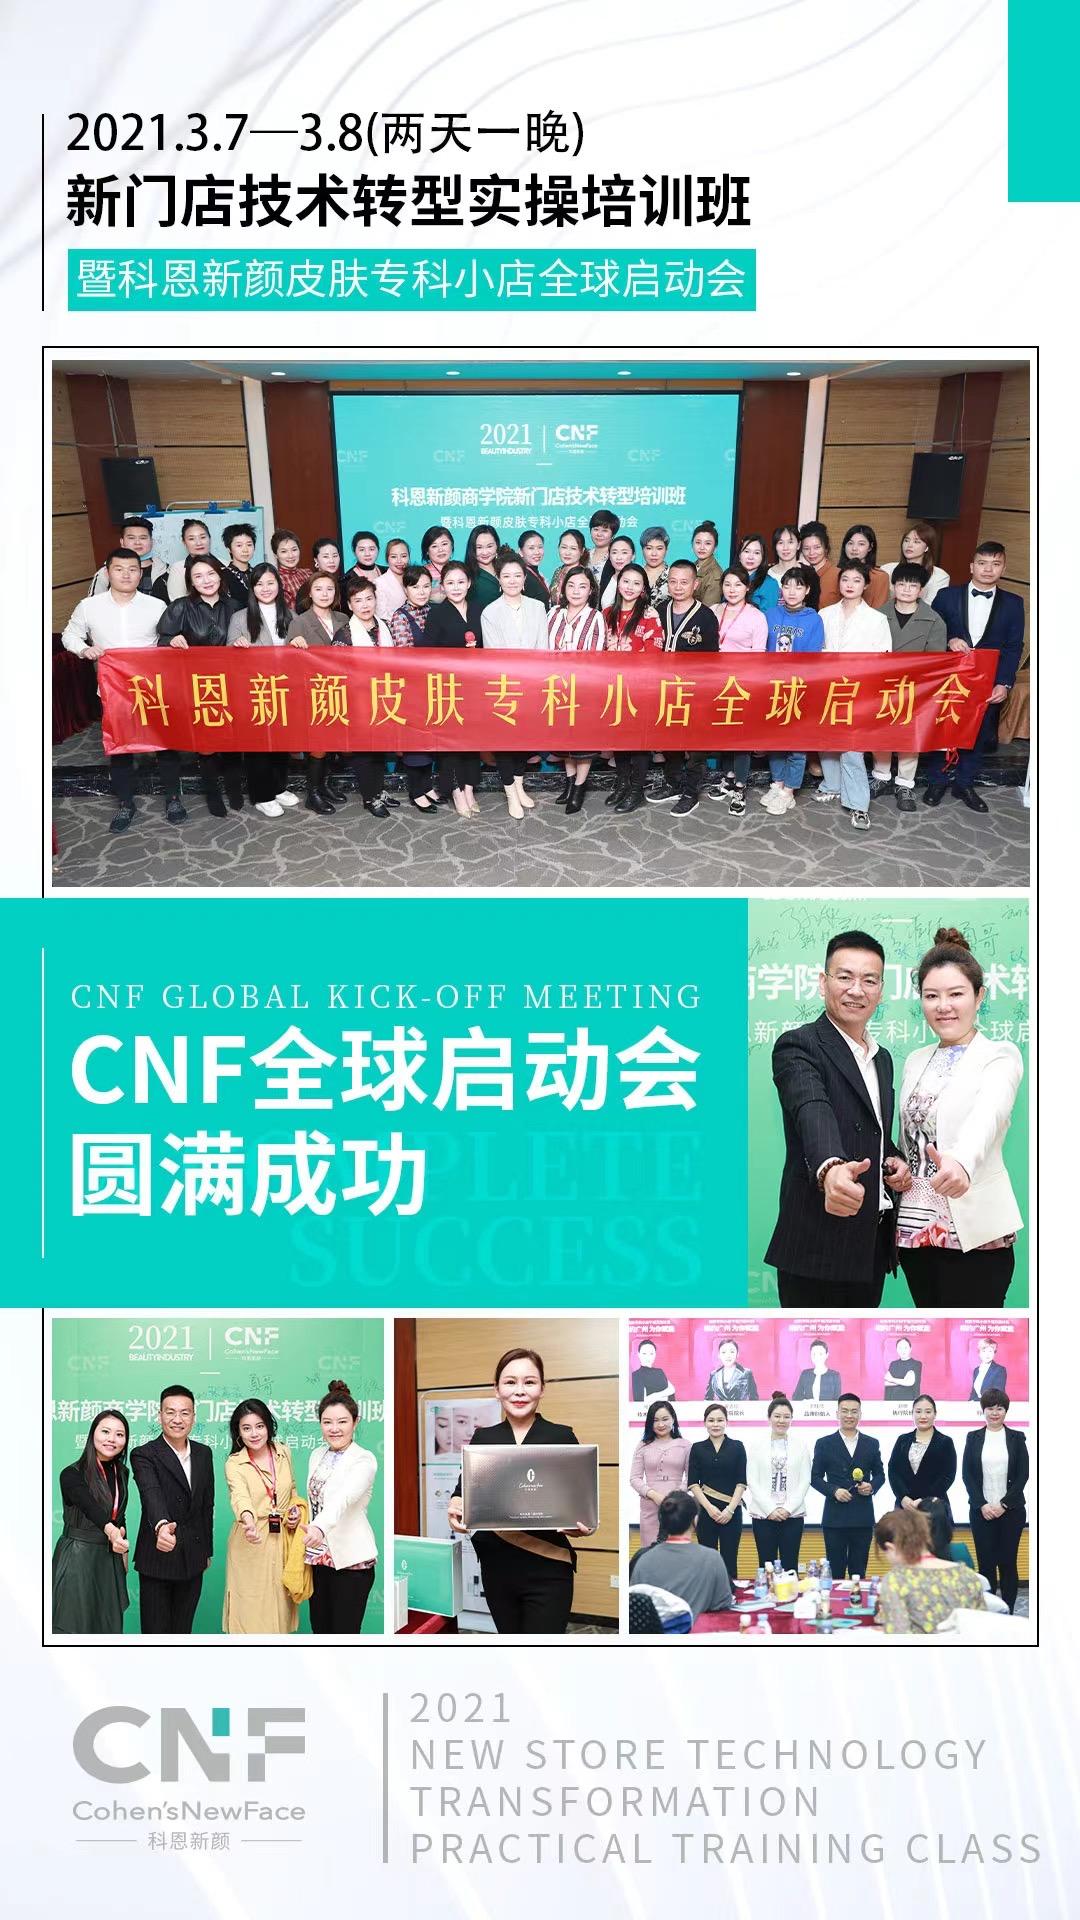 新门店·新机遇·新财富|CNF科恩新颜全球启动会圆满成功